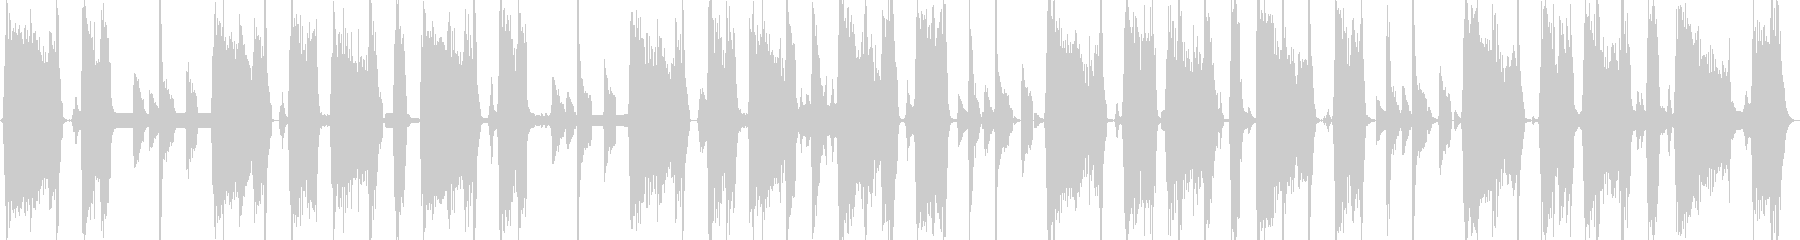 怪しい電波キャッチの未再生の波形